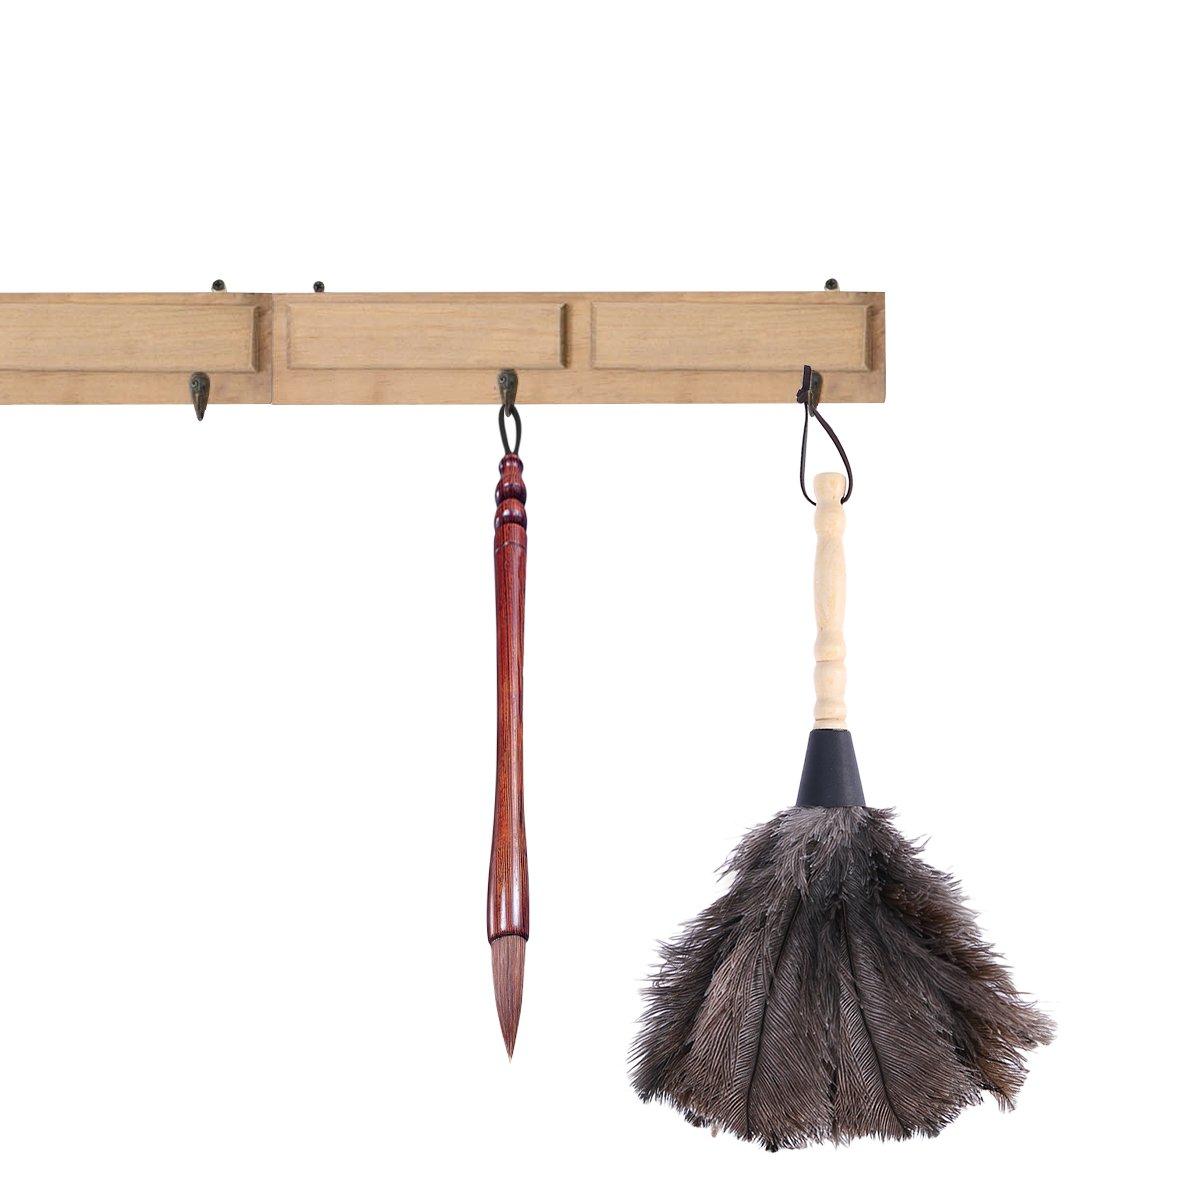 UEETEK Strau/ßenfeder Duster Naturfedern Duster mit Holzgriff Reinigungswerkzeug